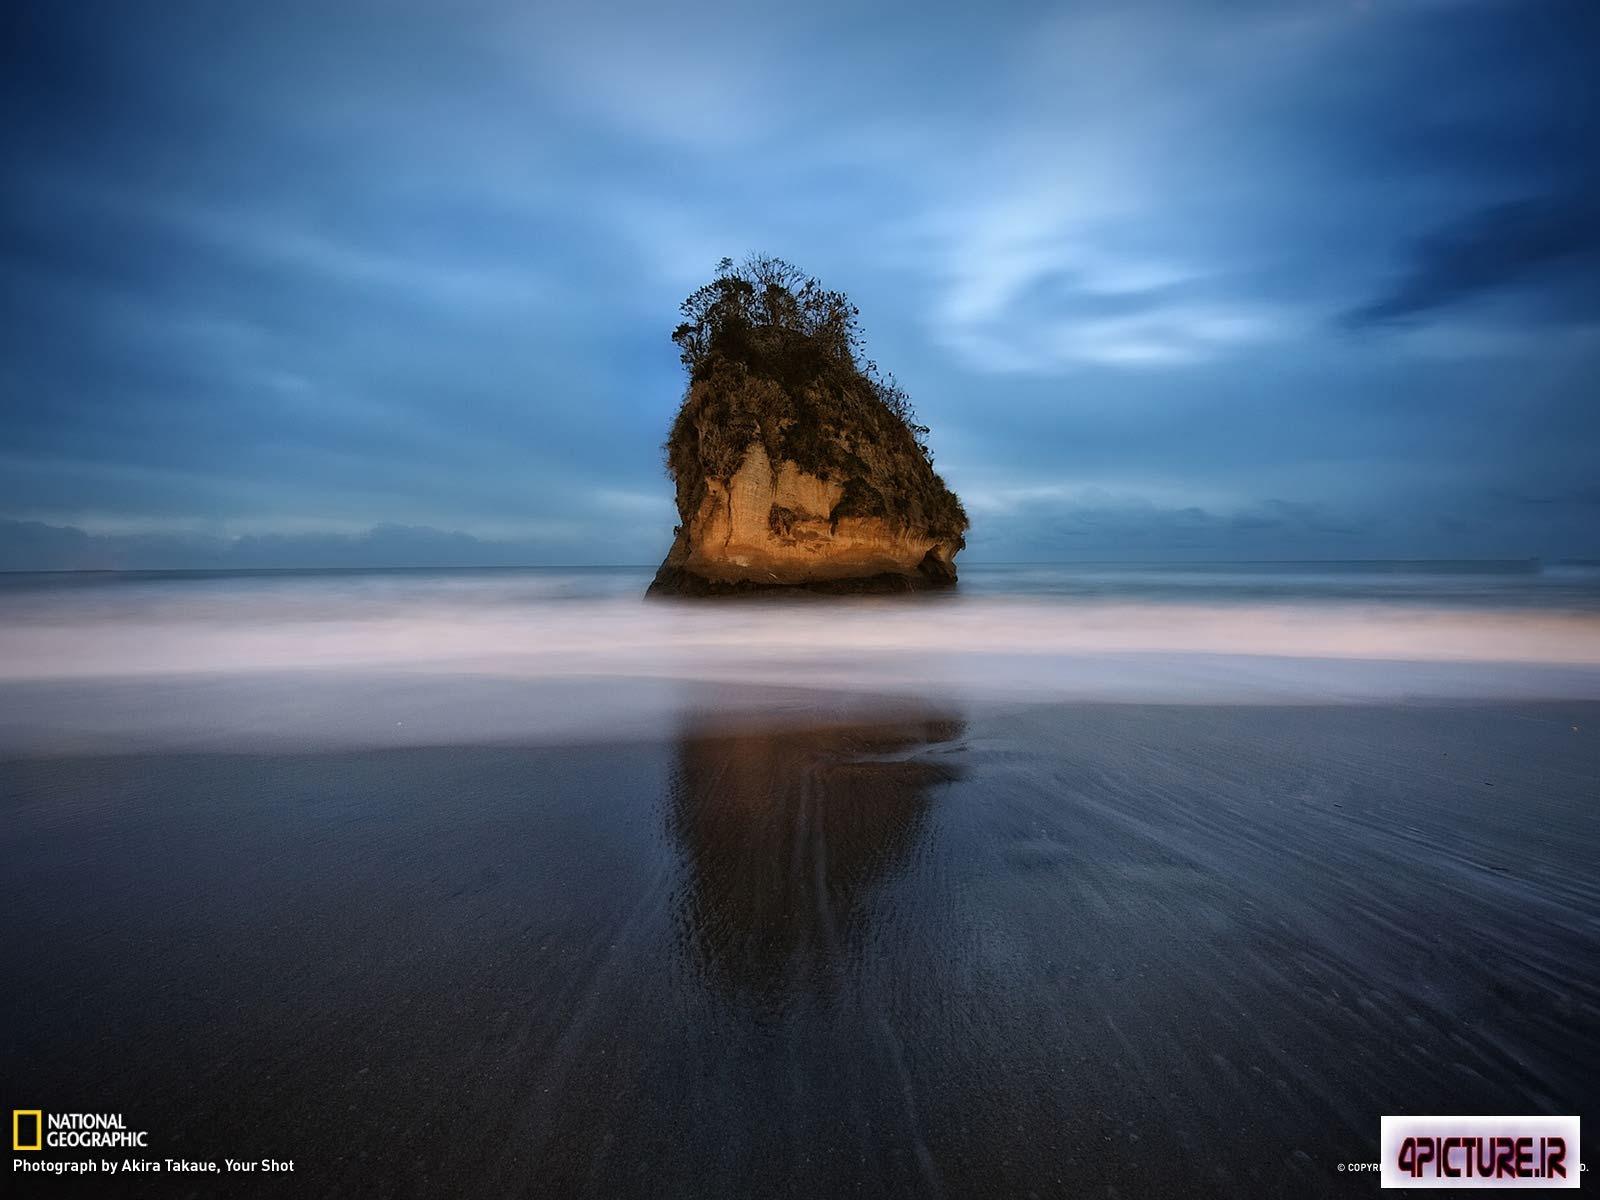 عکس پس زمینه طبیعت